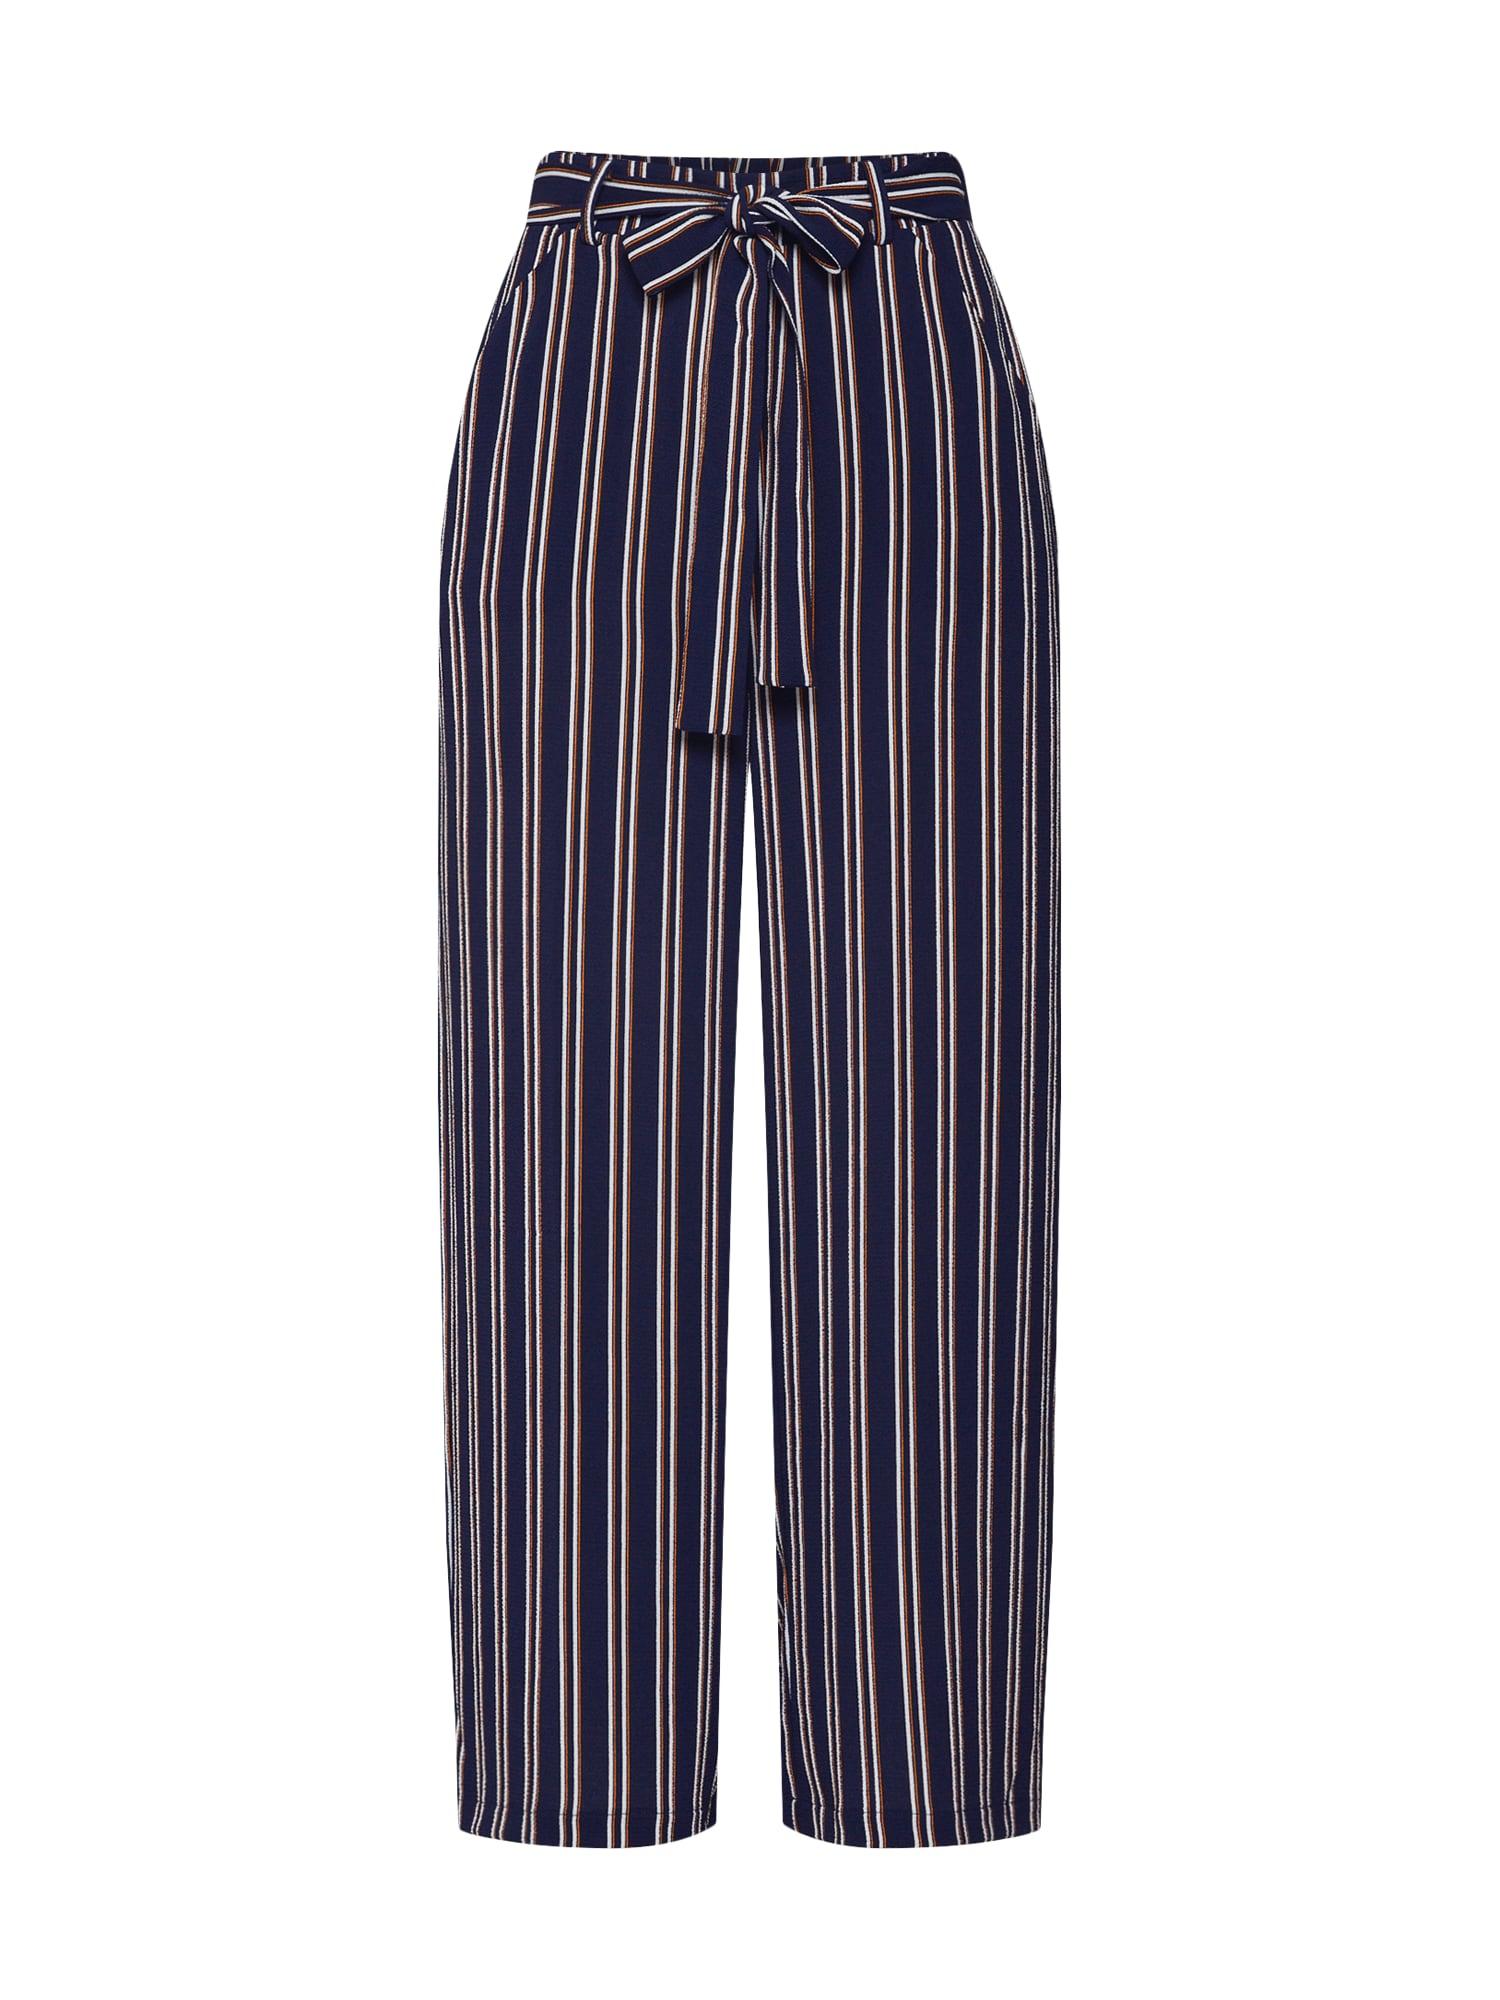 Kalhoty Nellie námořnická modř tmavě oranžová bílá PIECES